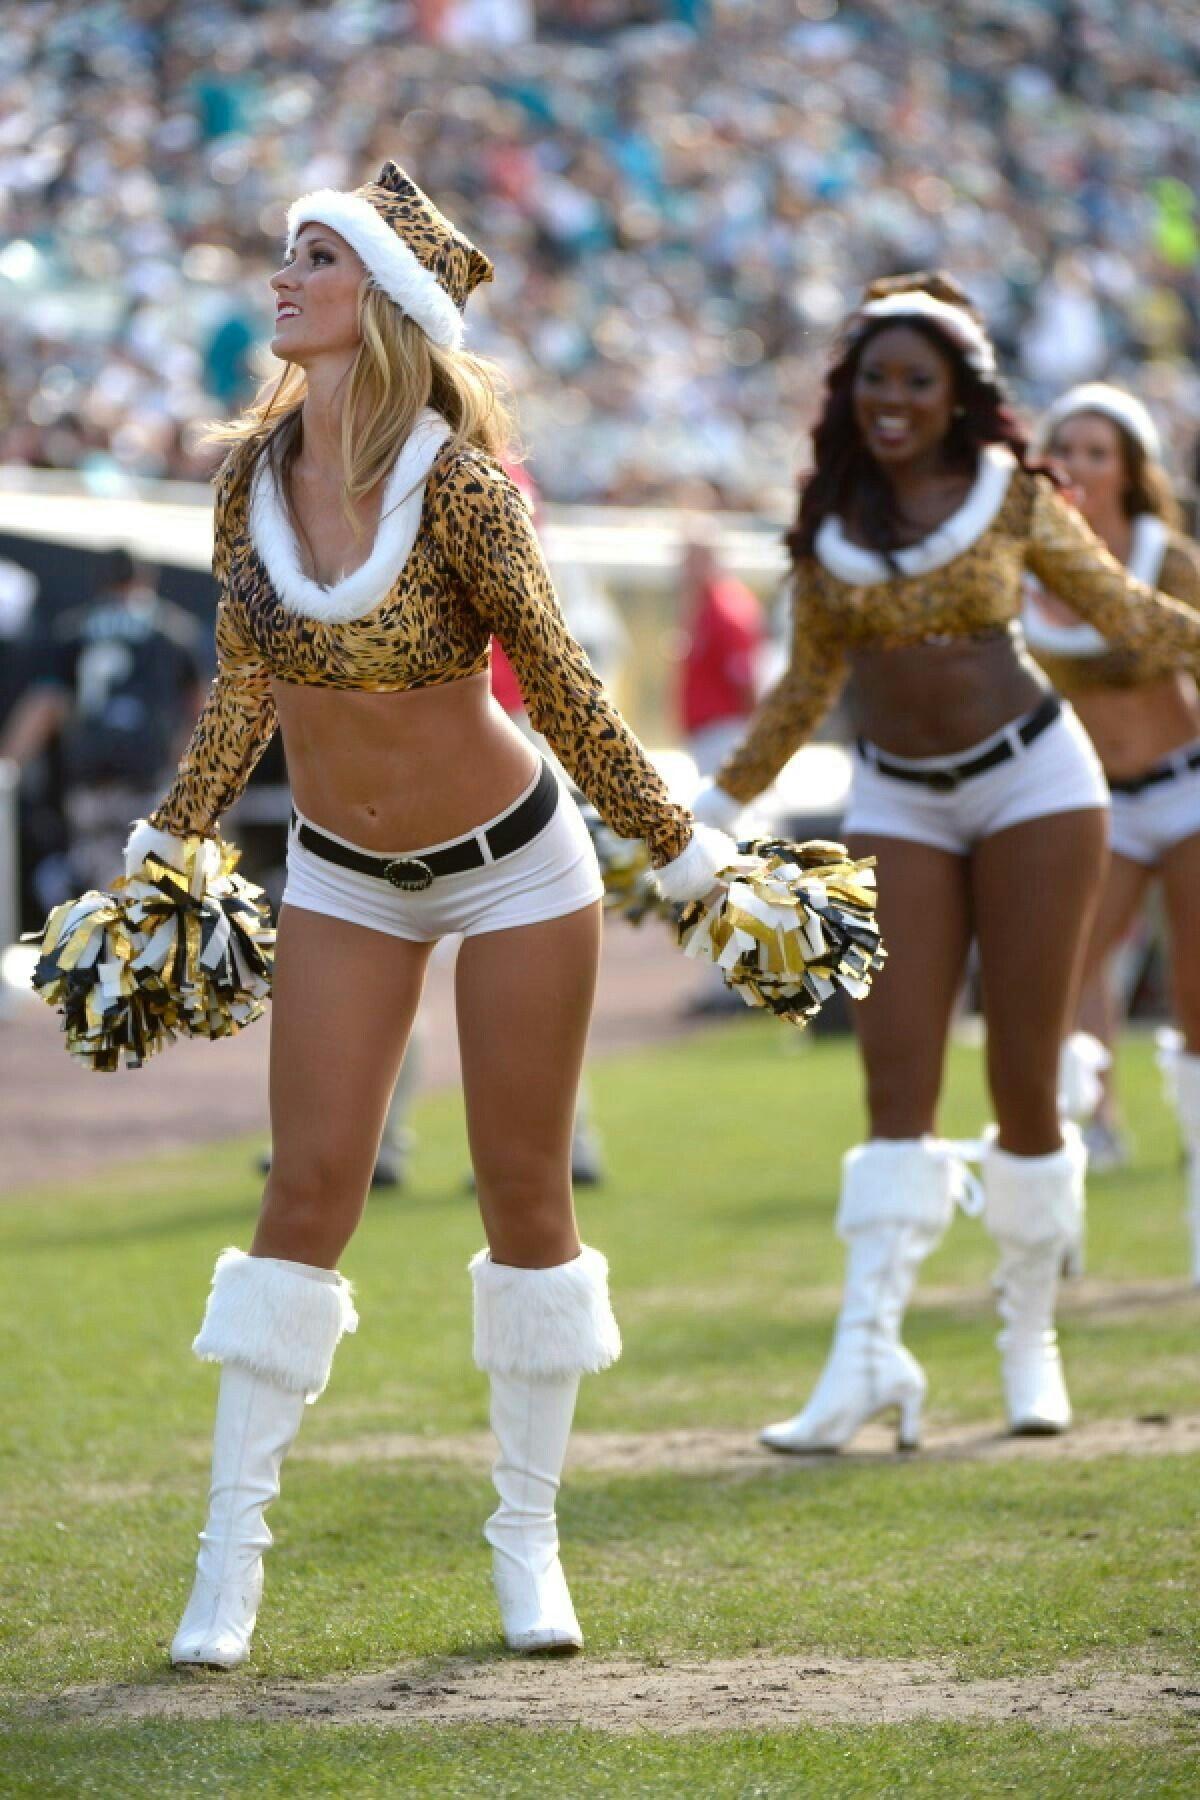 Nfl cheerleaders nudity bloopers, take test in nude